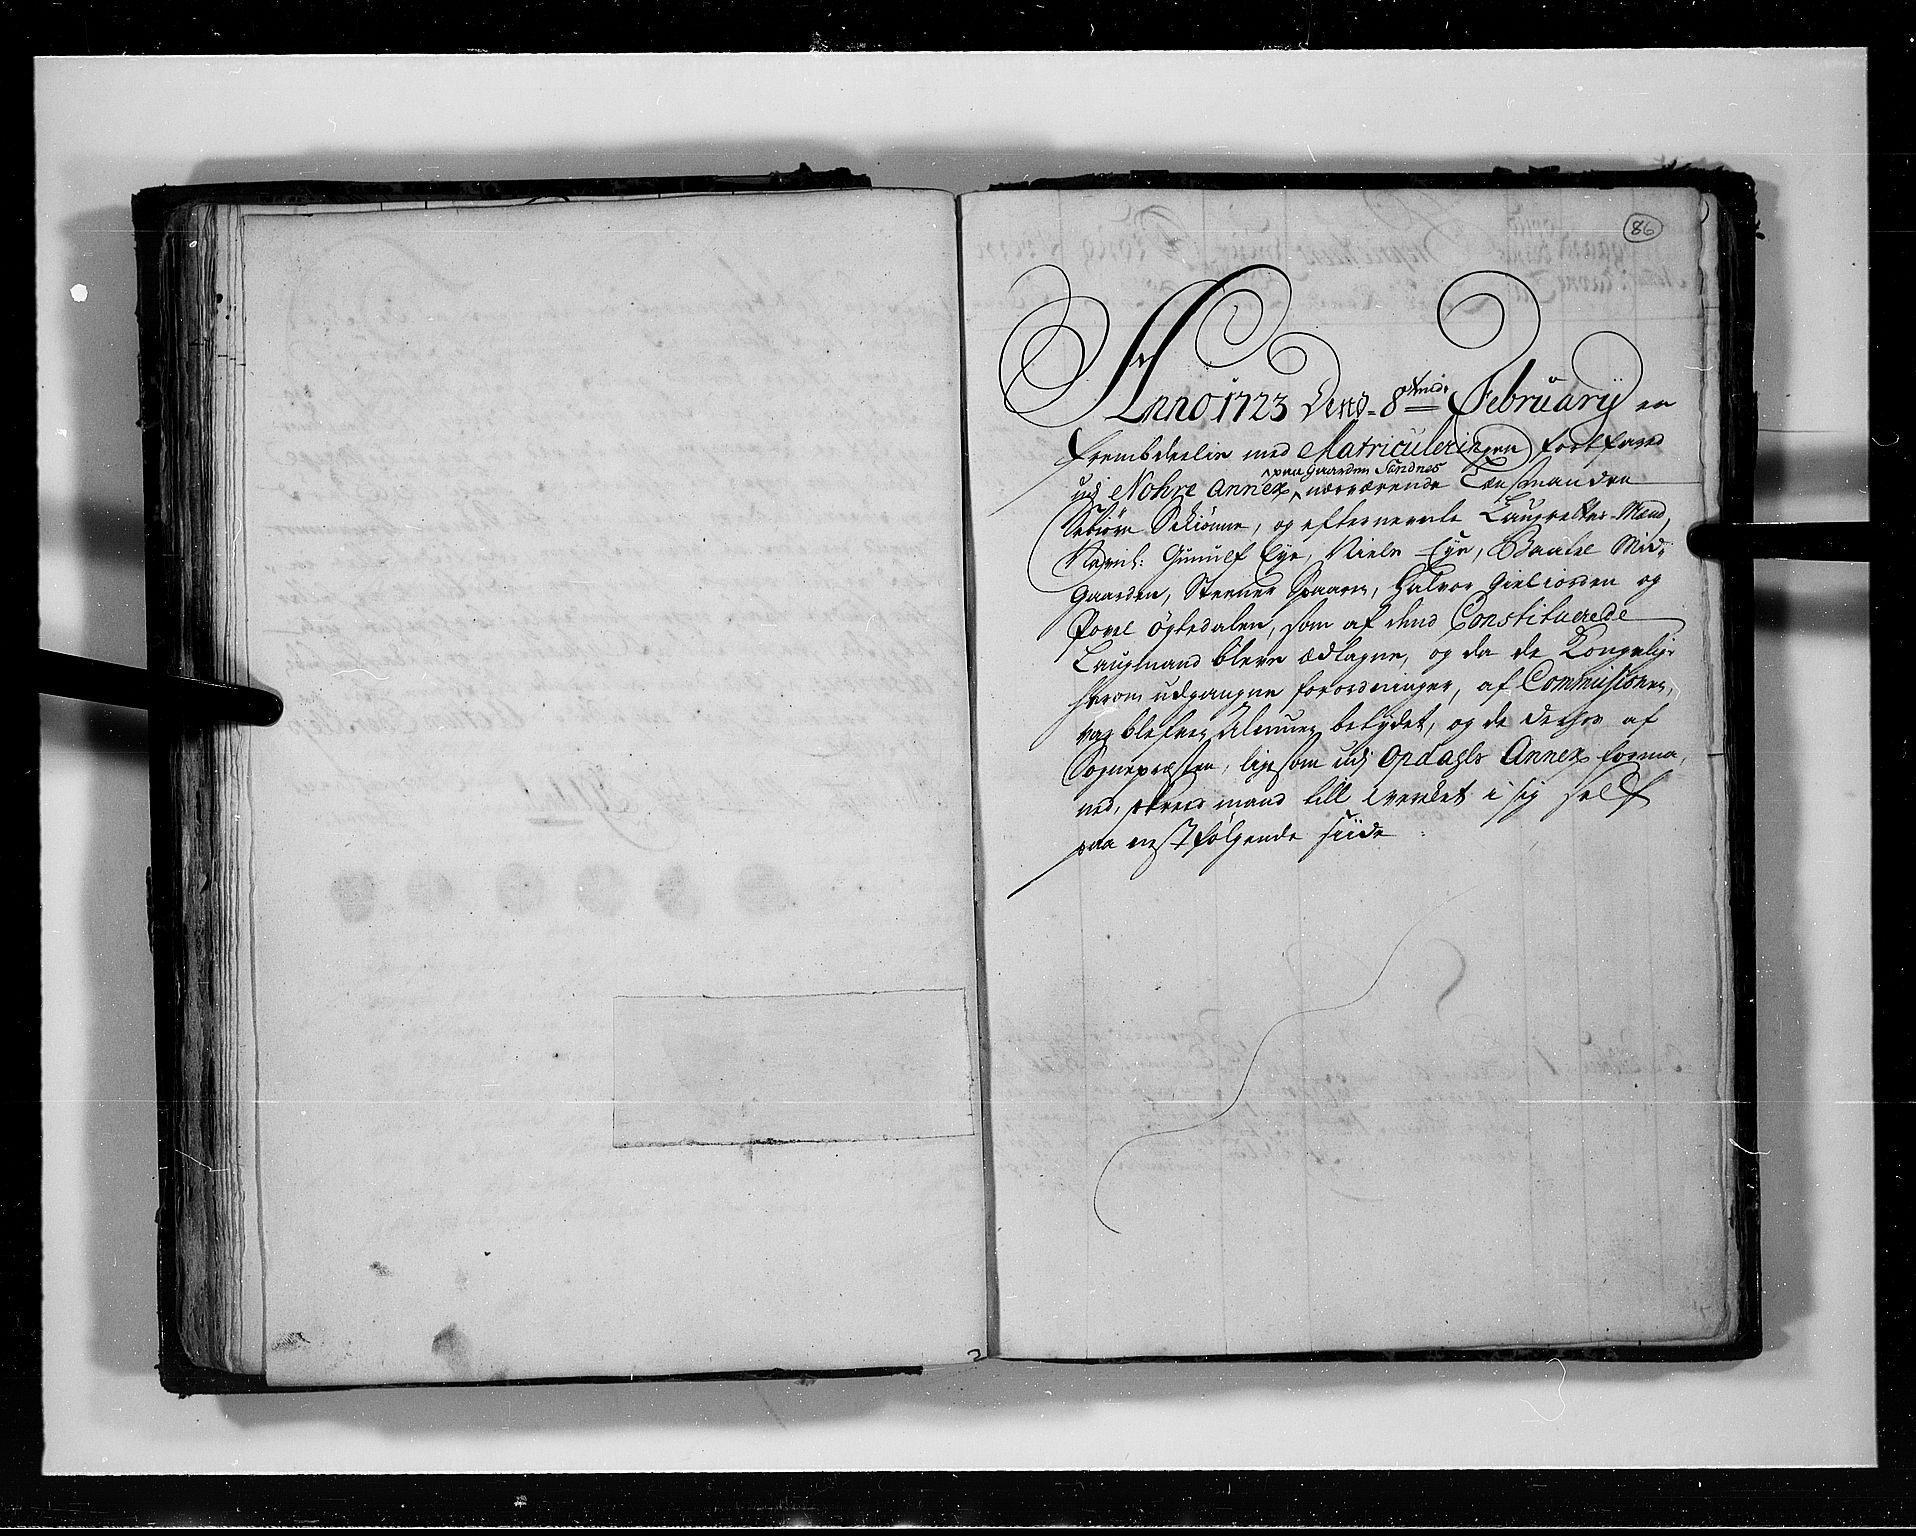 RA, Rentekammeret inntil 1814, Realistisk ordnet avdeling, N/Nb/Nbf/L0113: Numedal og Sandsvær eksaminasjonsprotokoll, 1723, s. 85b-86a